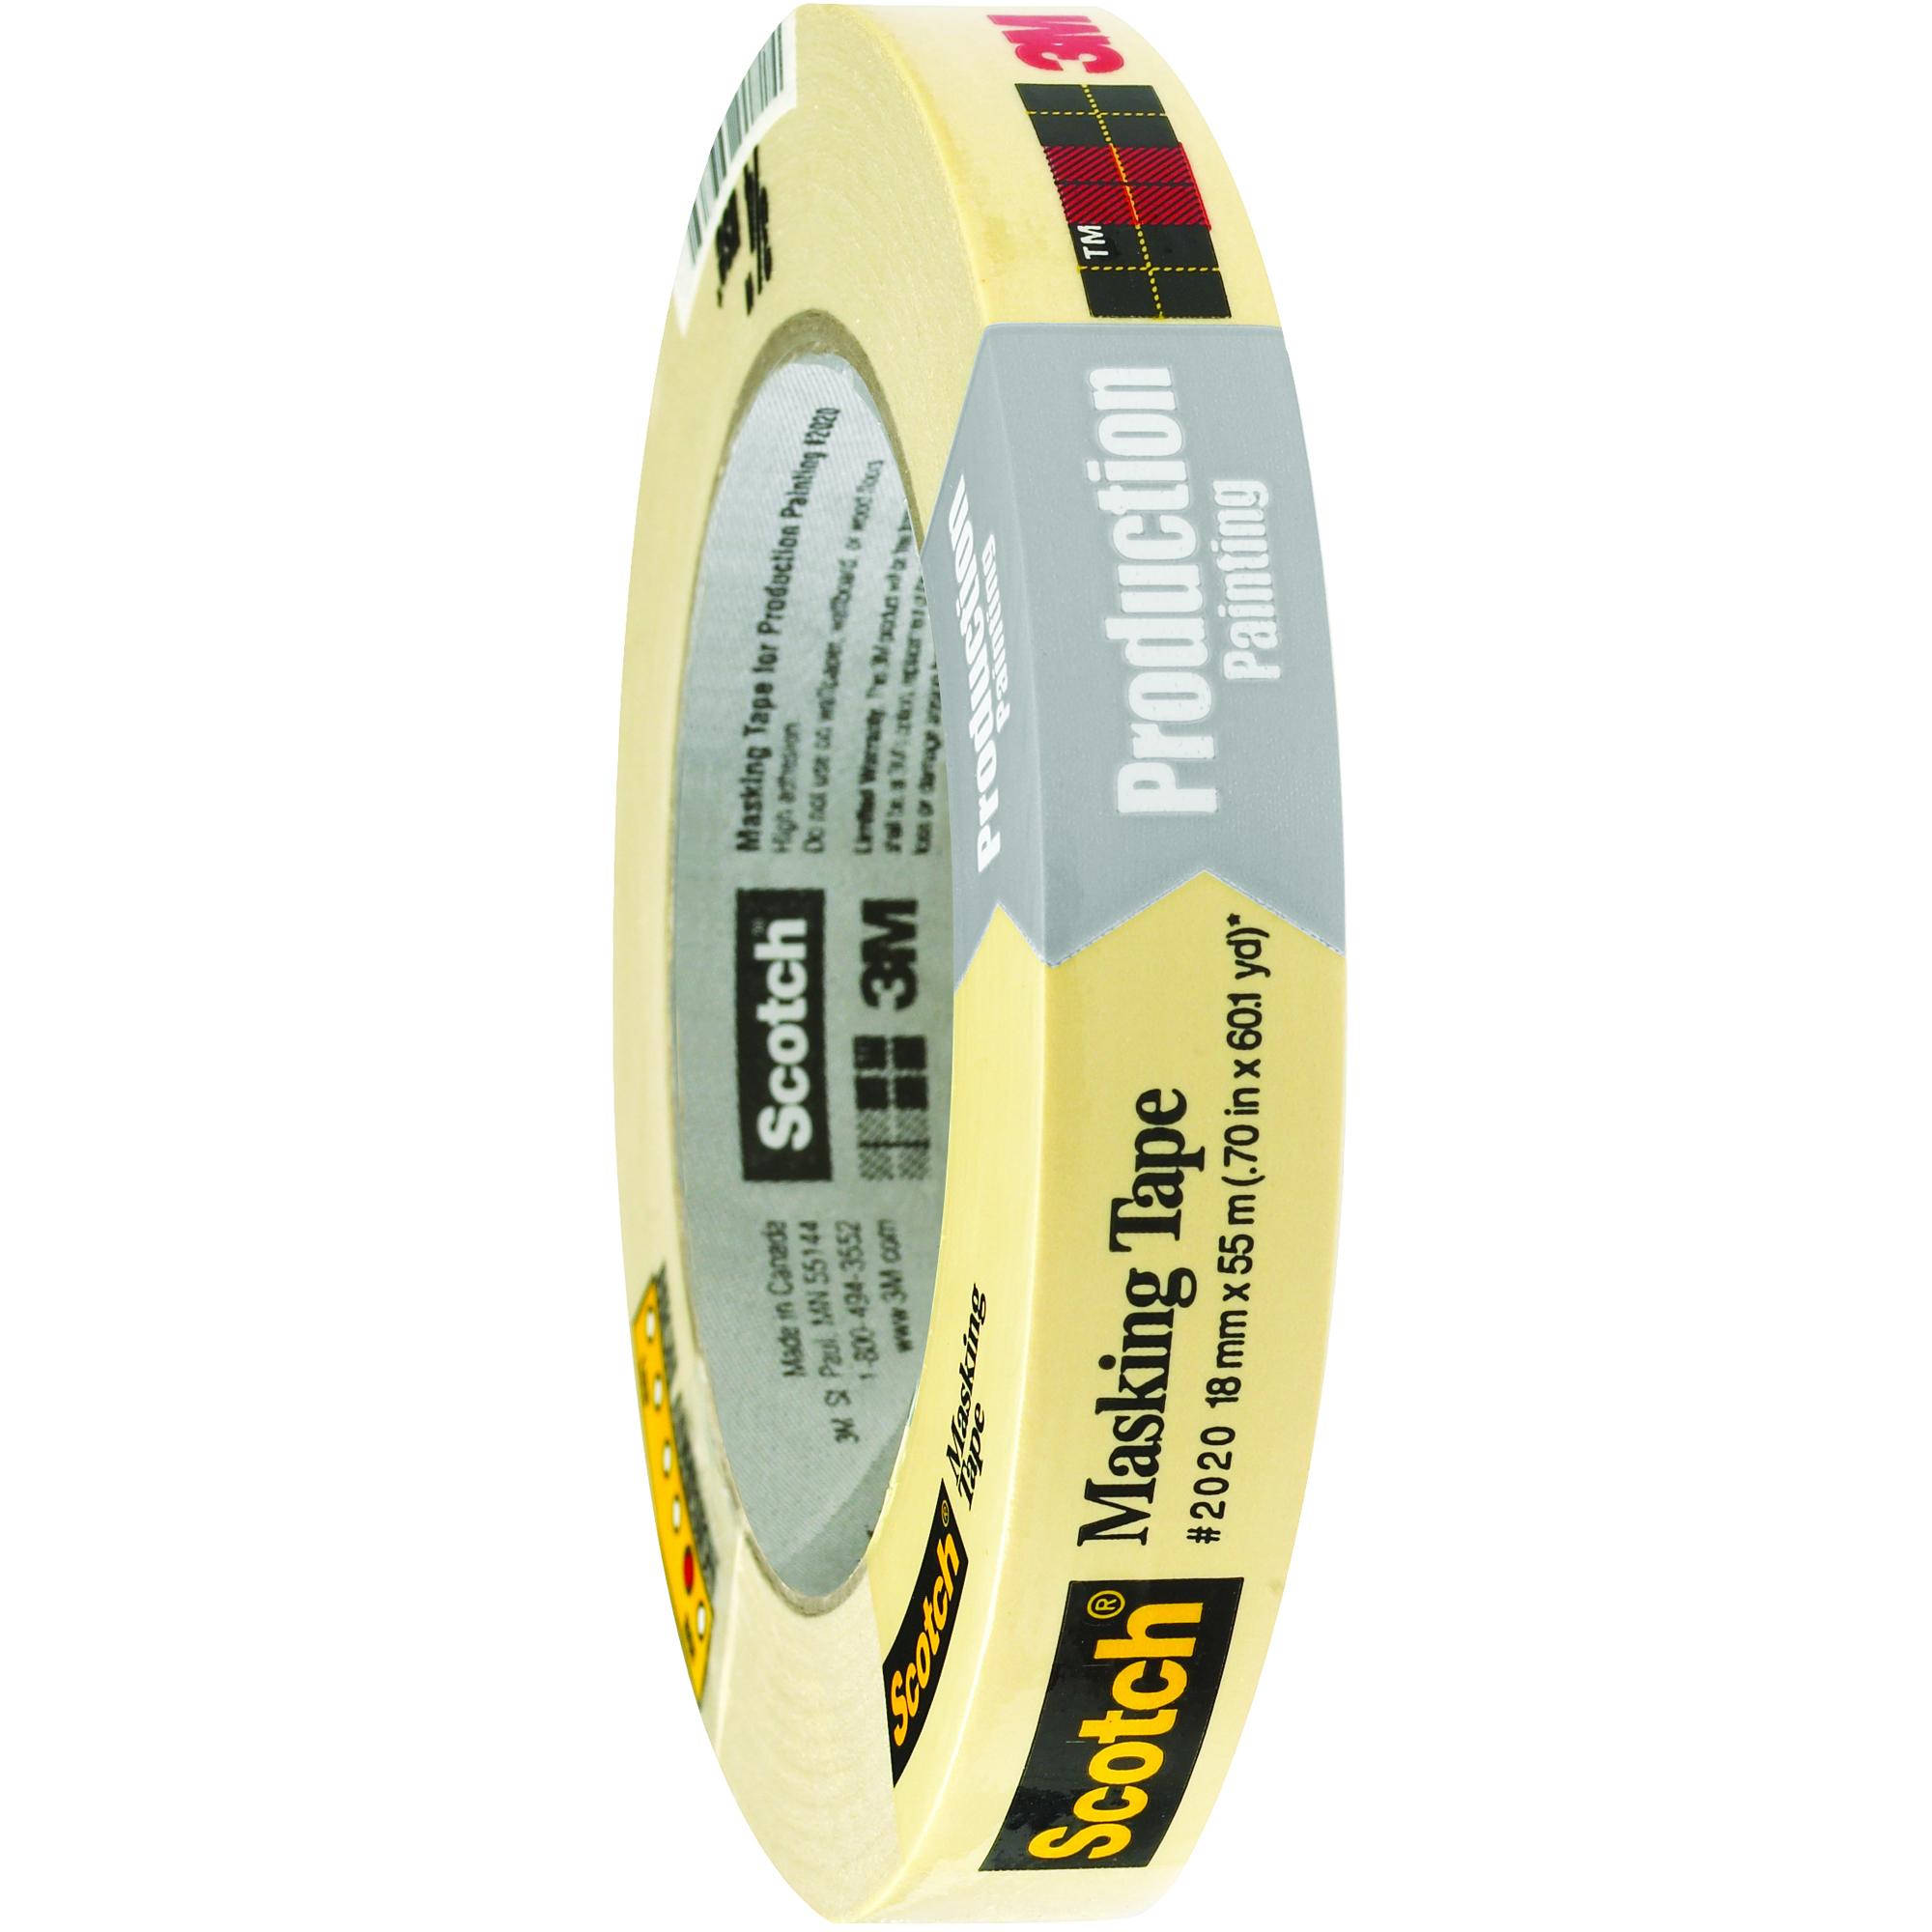 3m 3/4 masking tape